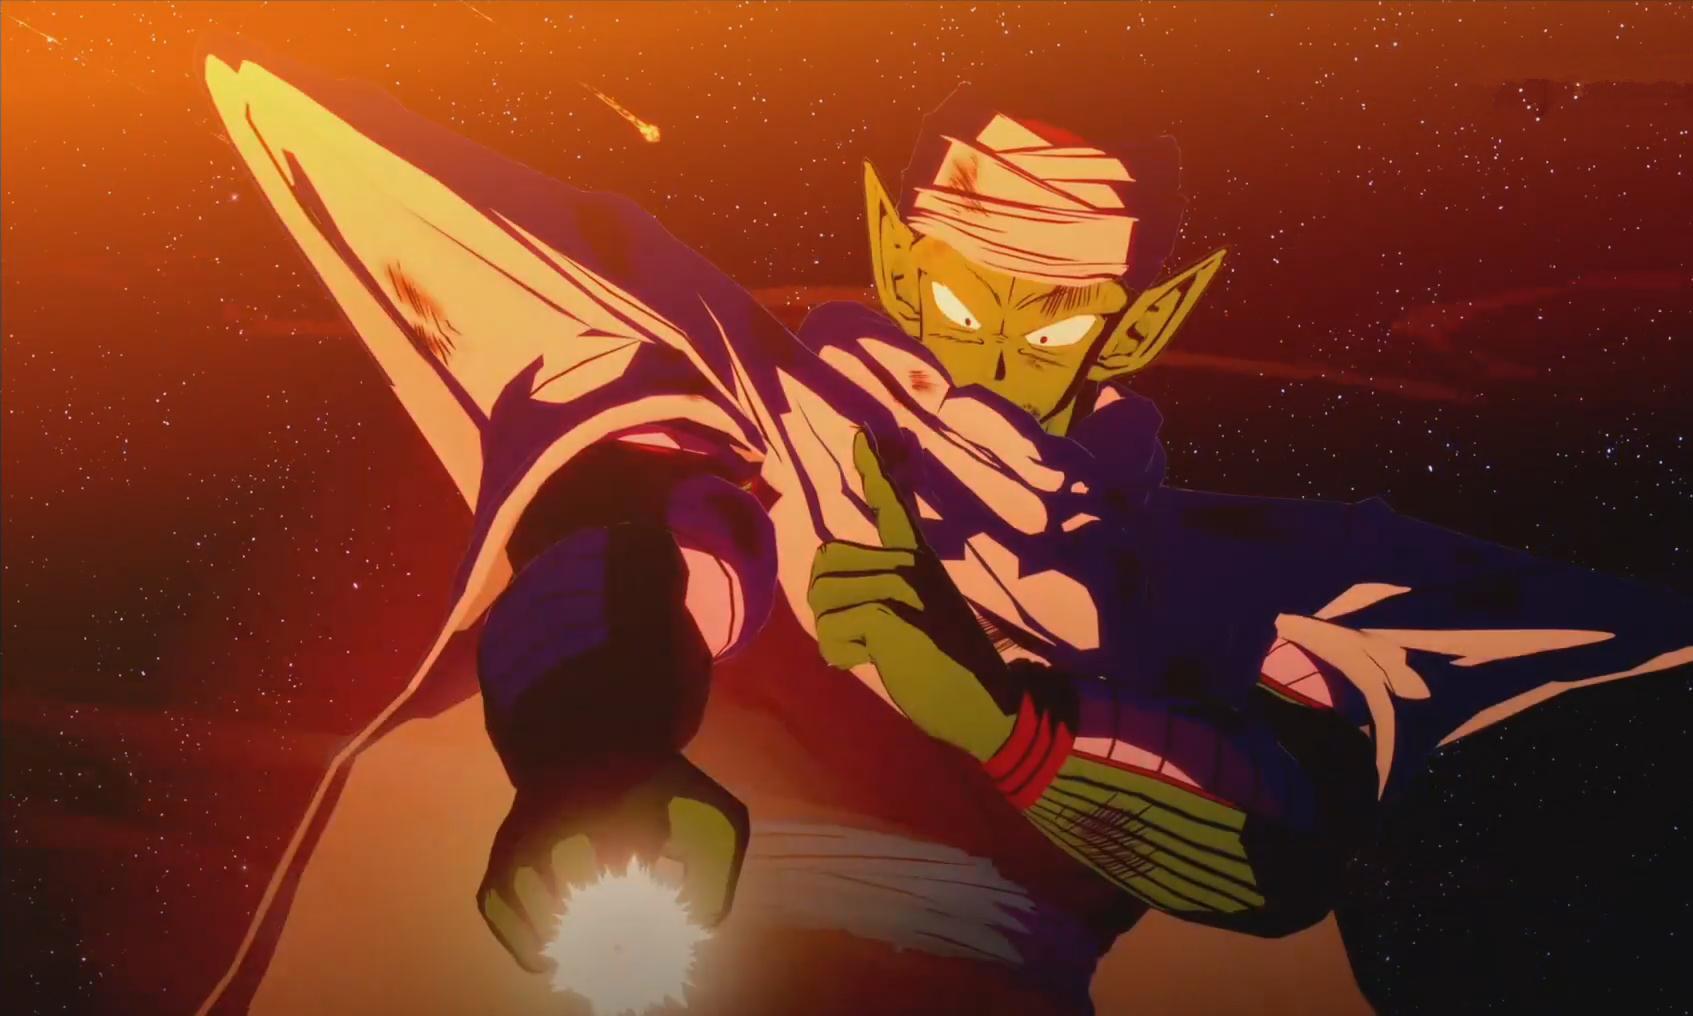 龙珠:比克曾是大魔王!是什么让他变成了咸鱼?和动漫主角做朋友